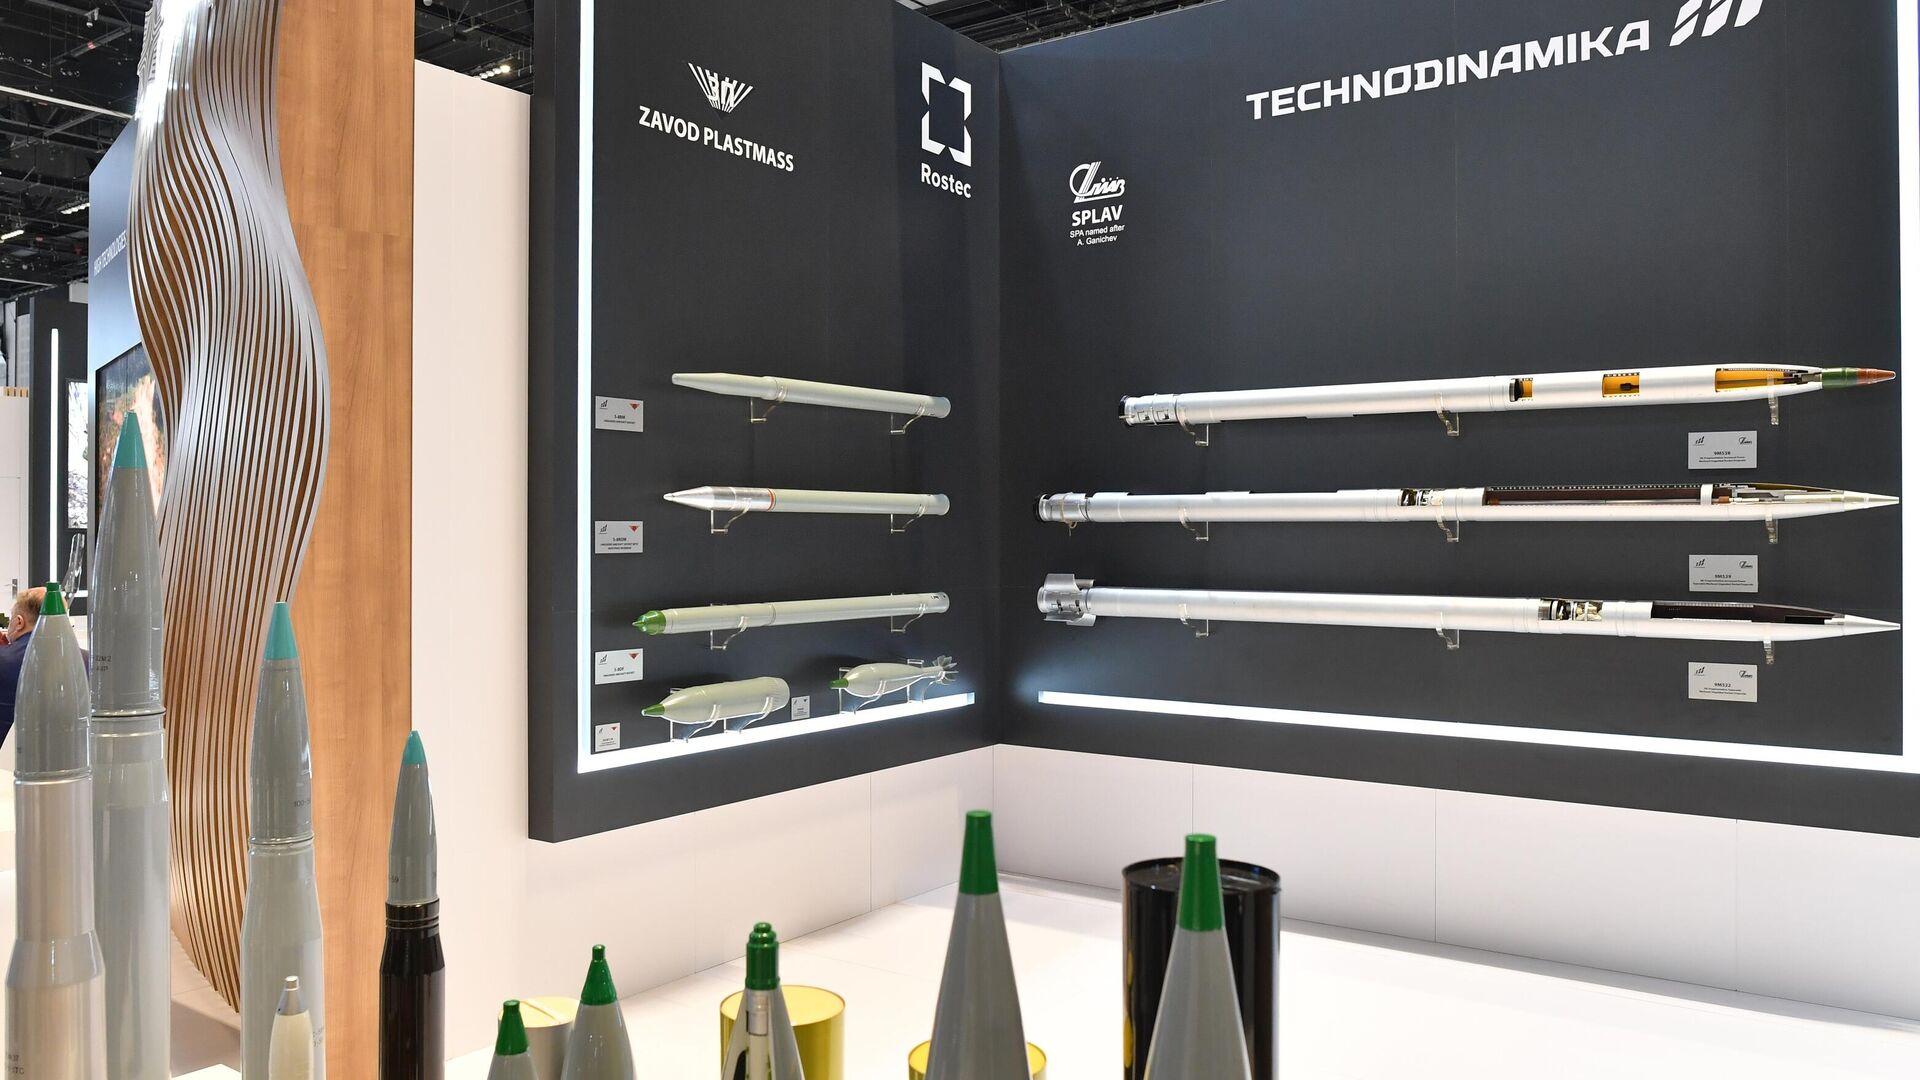 Стенд корпорации Ростех на выставке оборонной промышленности IDEX-2021 в Абу-Даби - РИА Новости, 1920, 10.04.2021